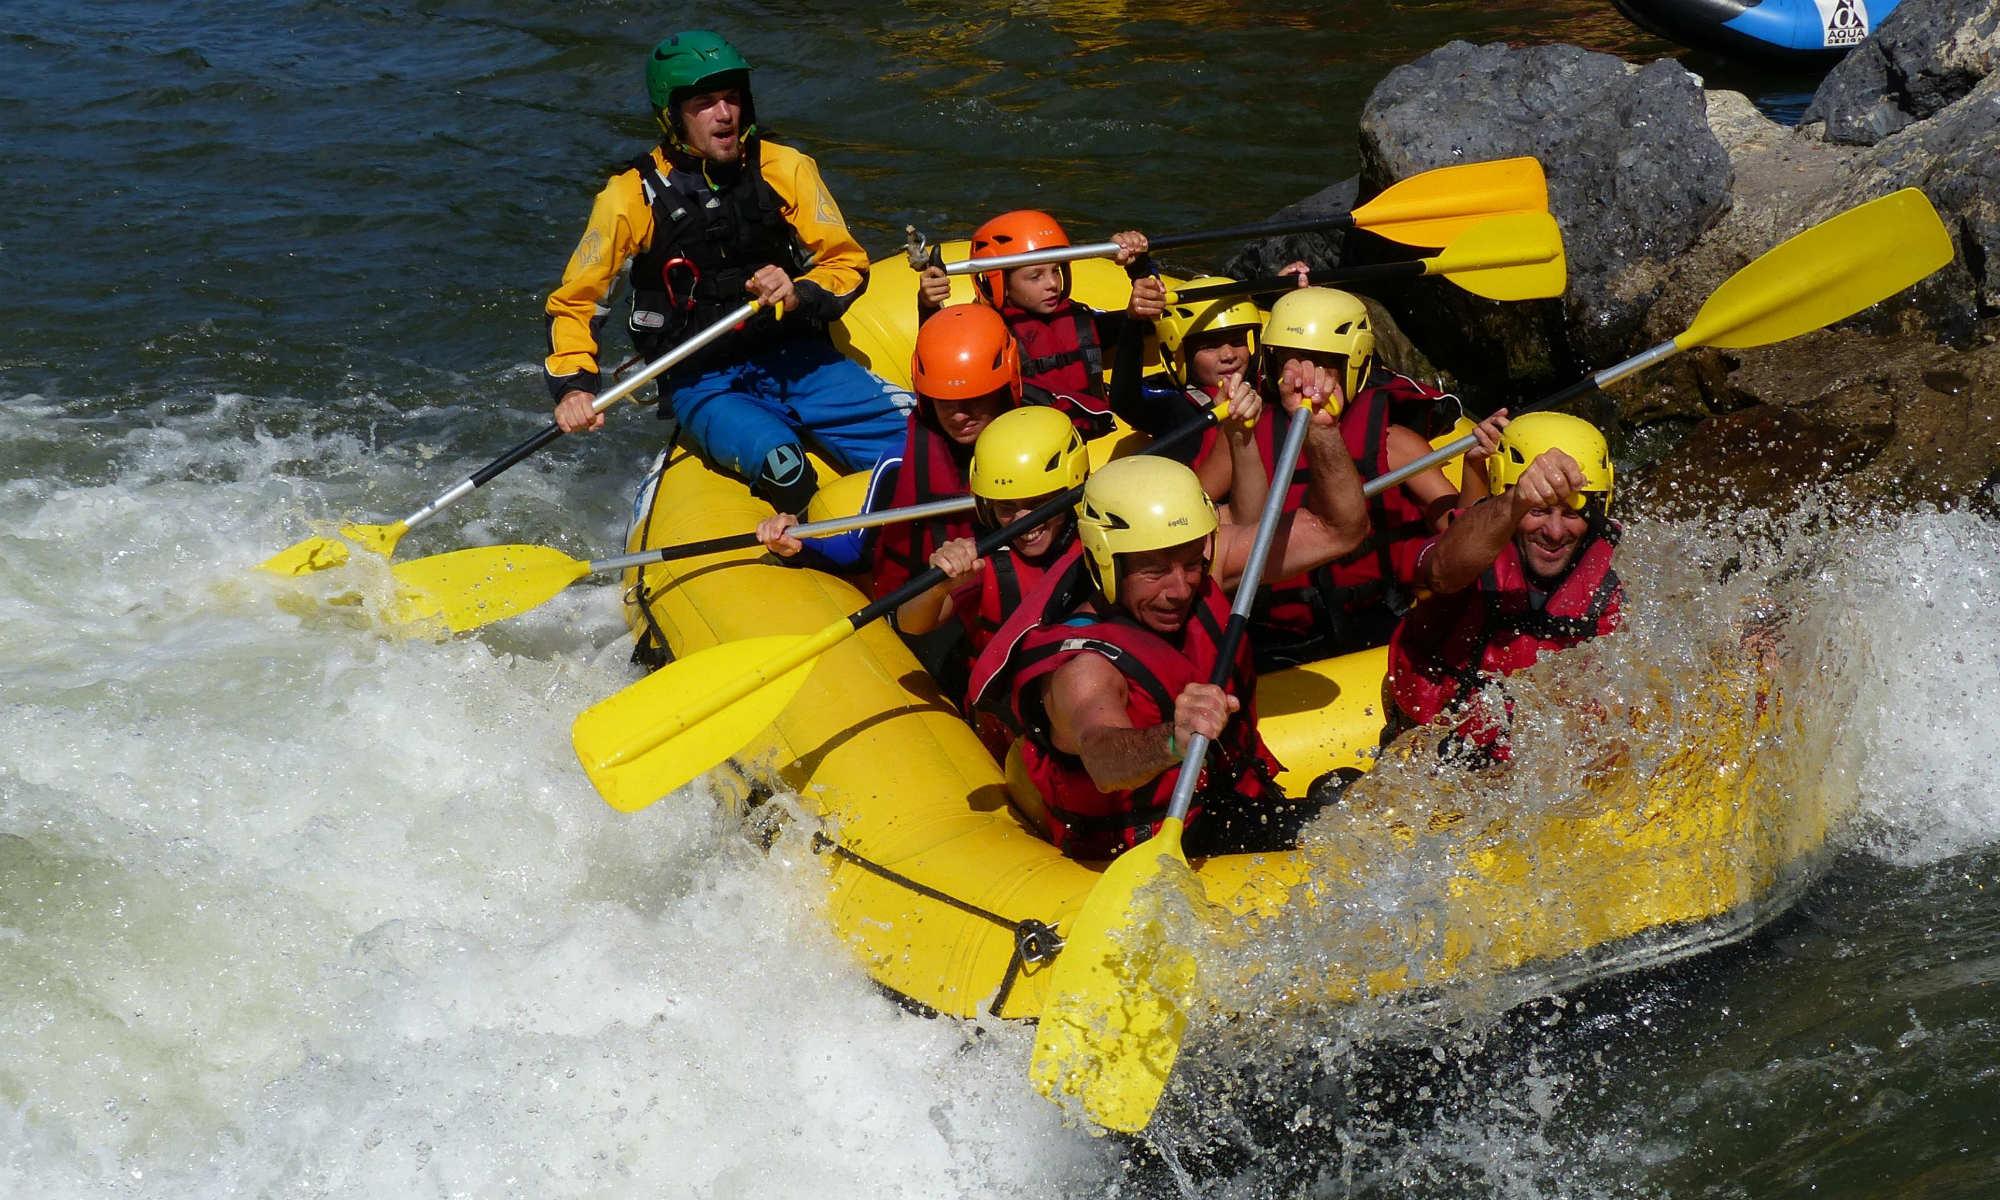 Un groupe en pleine action lors d'un parcours de rafting dans les Pyrénées.